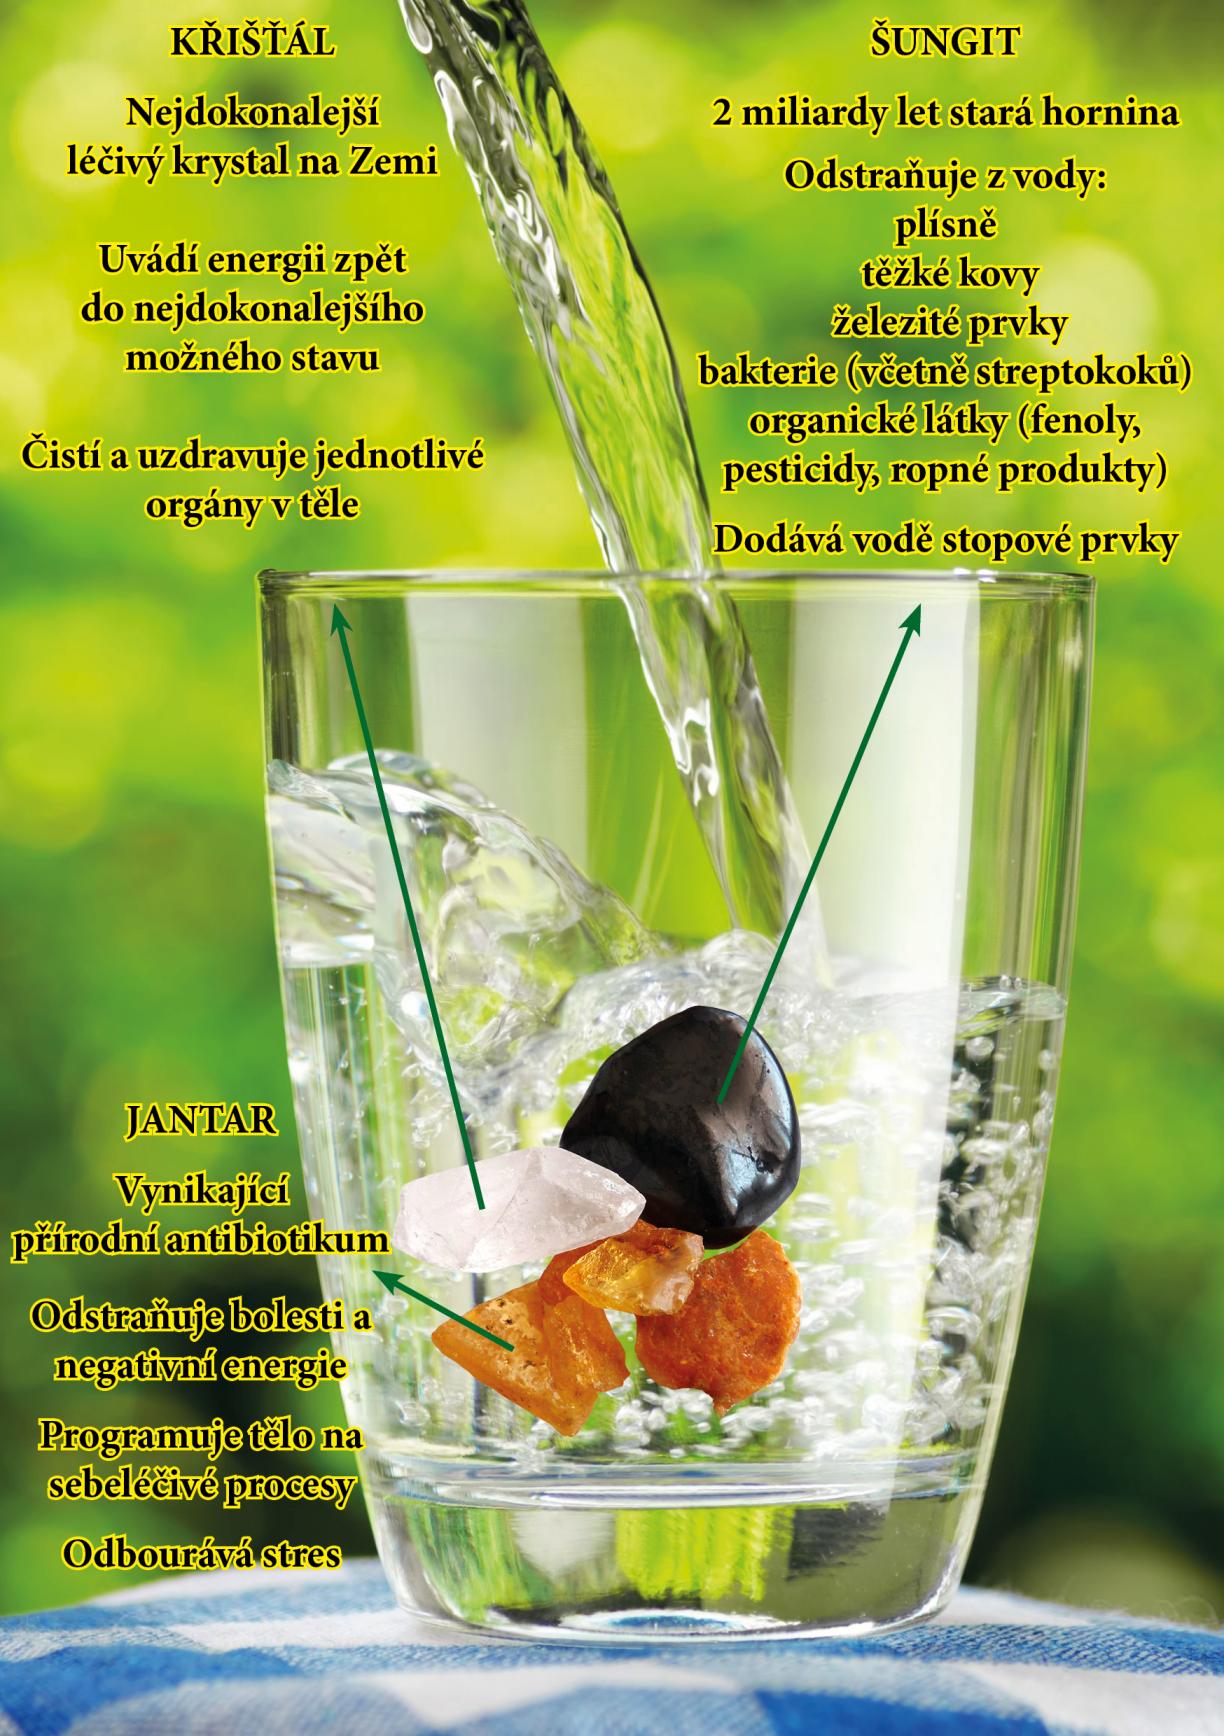 čištění vody - šungit, jantar, křišťál - účinky